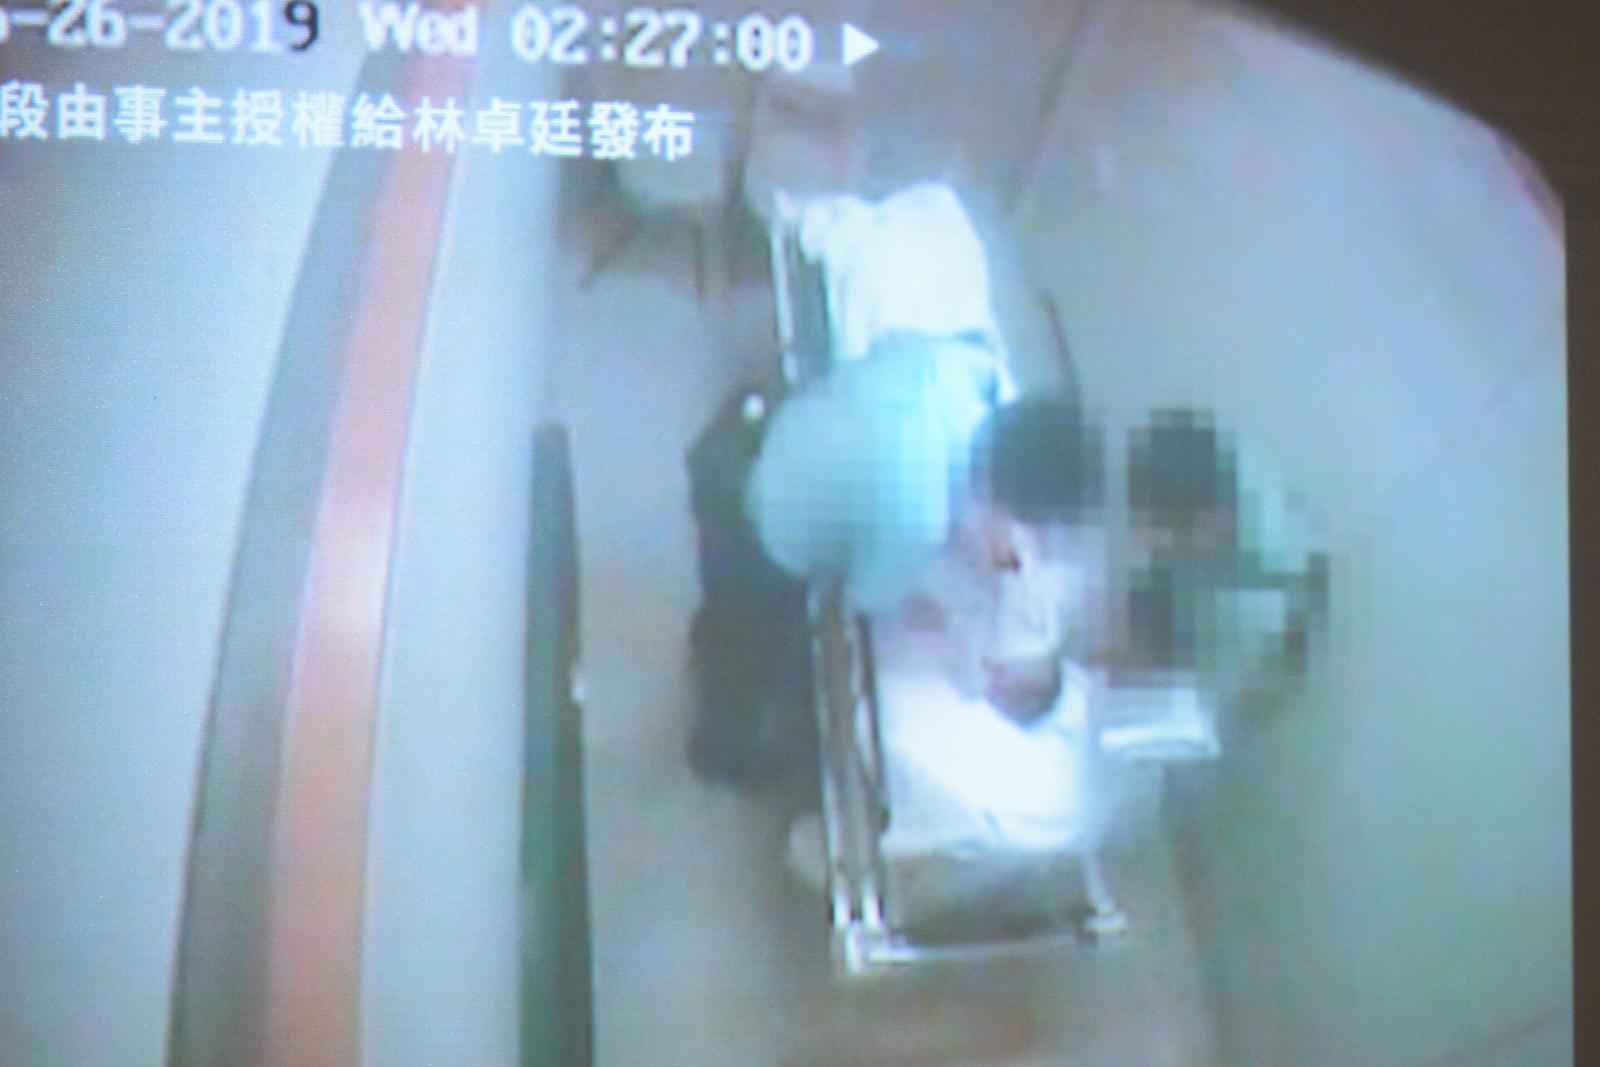 閉路電視片段,顯示事主當時被綁在病床上,兩名軍裝警員多次虐打事主。